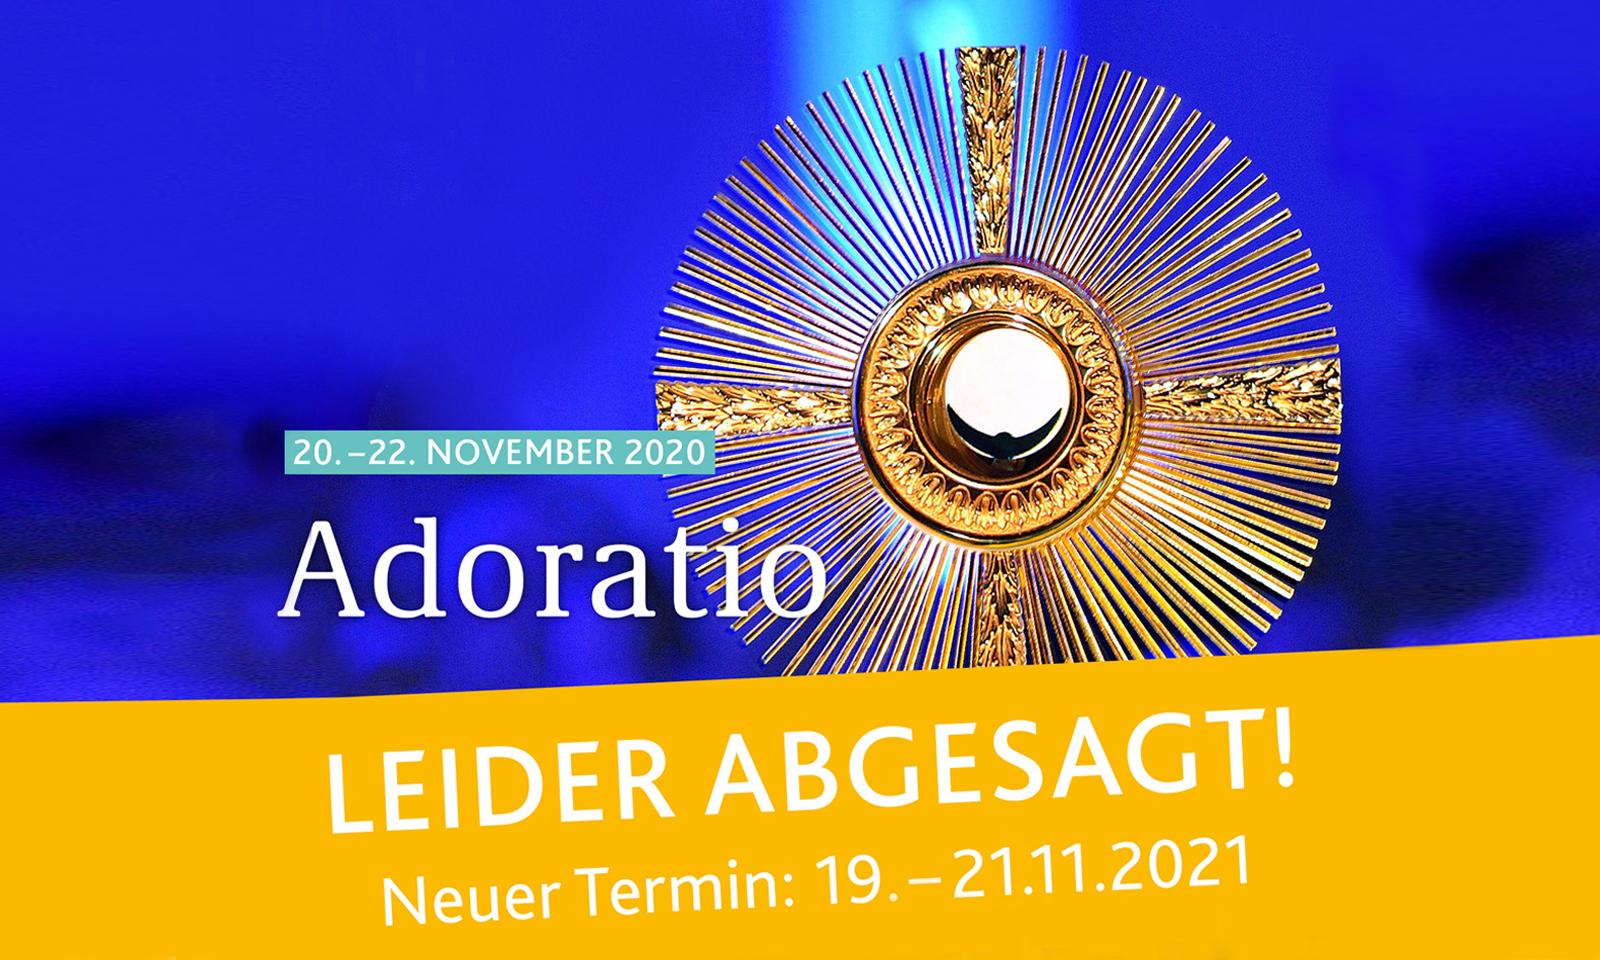 Adoratio 2020 abgesagt